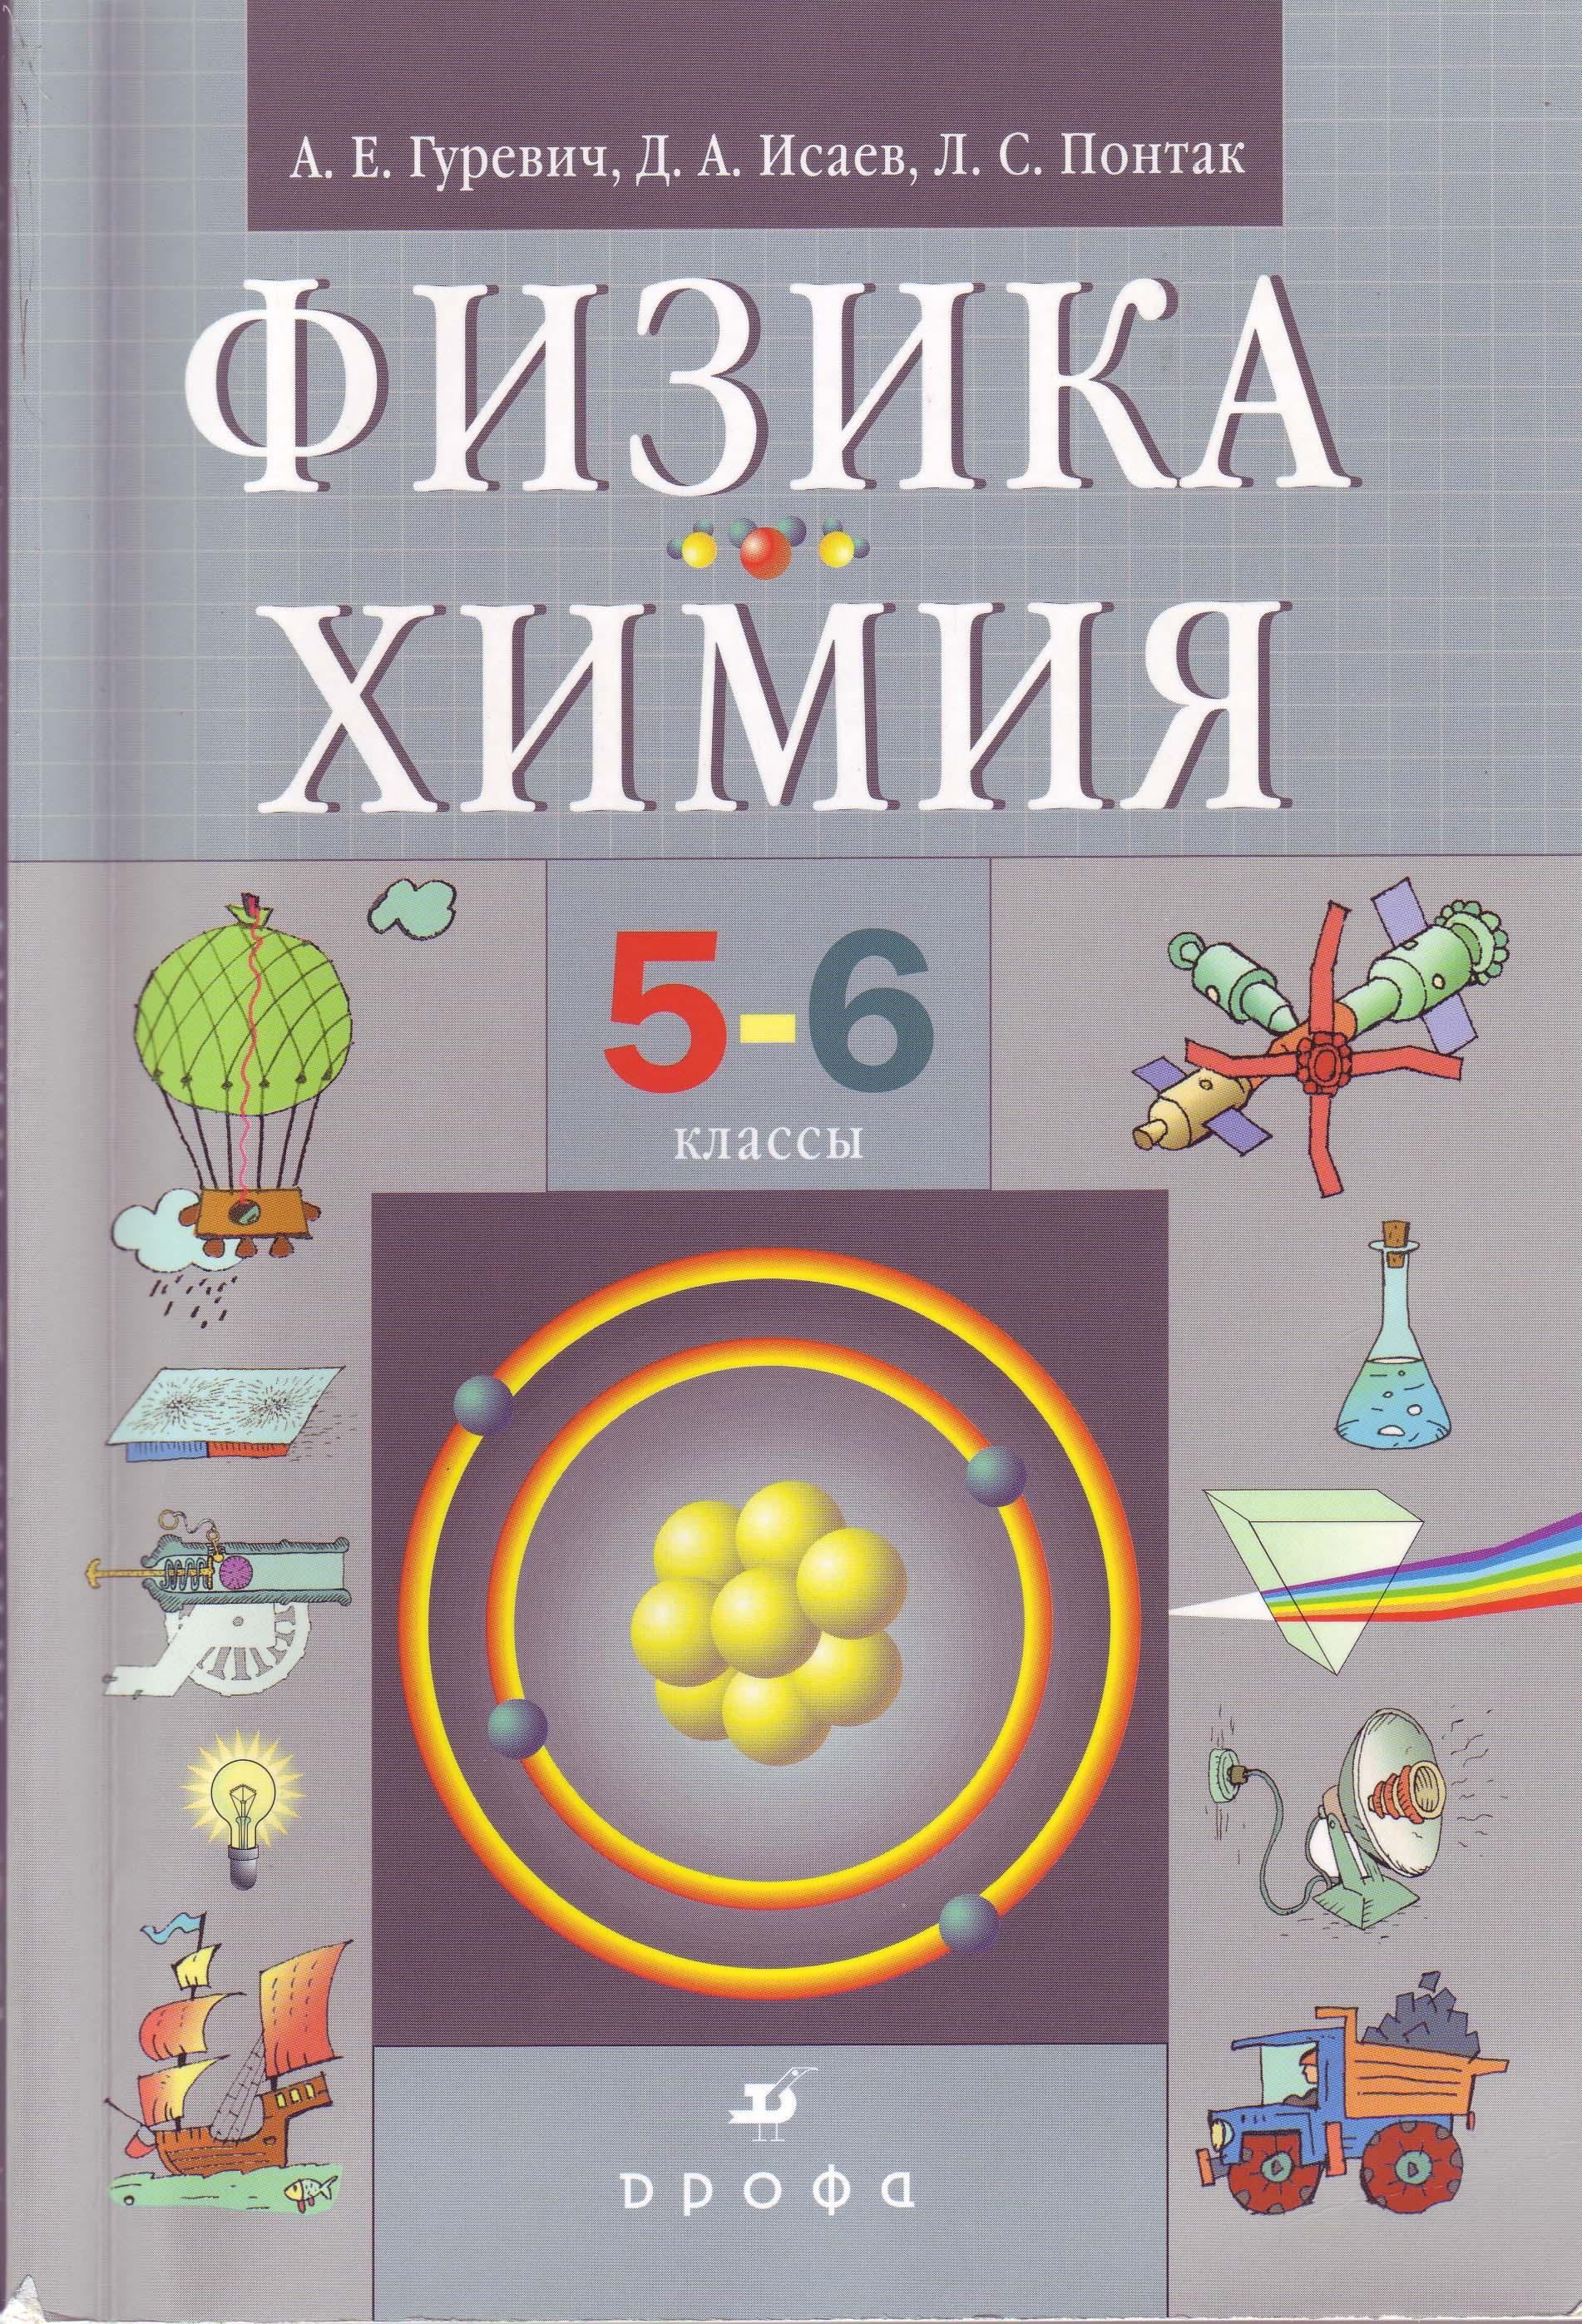 Гдз Естествознание 5 Класс Гуревич Исаев Понтак Лабораторная Работа - картинка 1